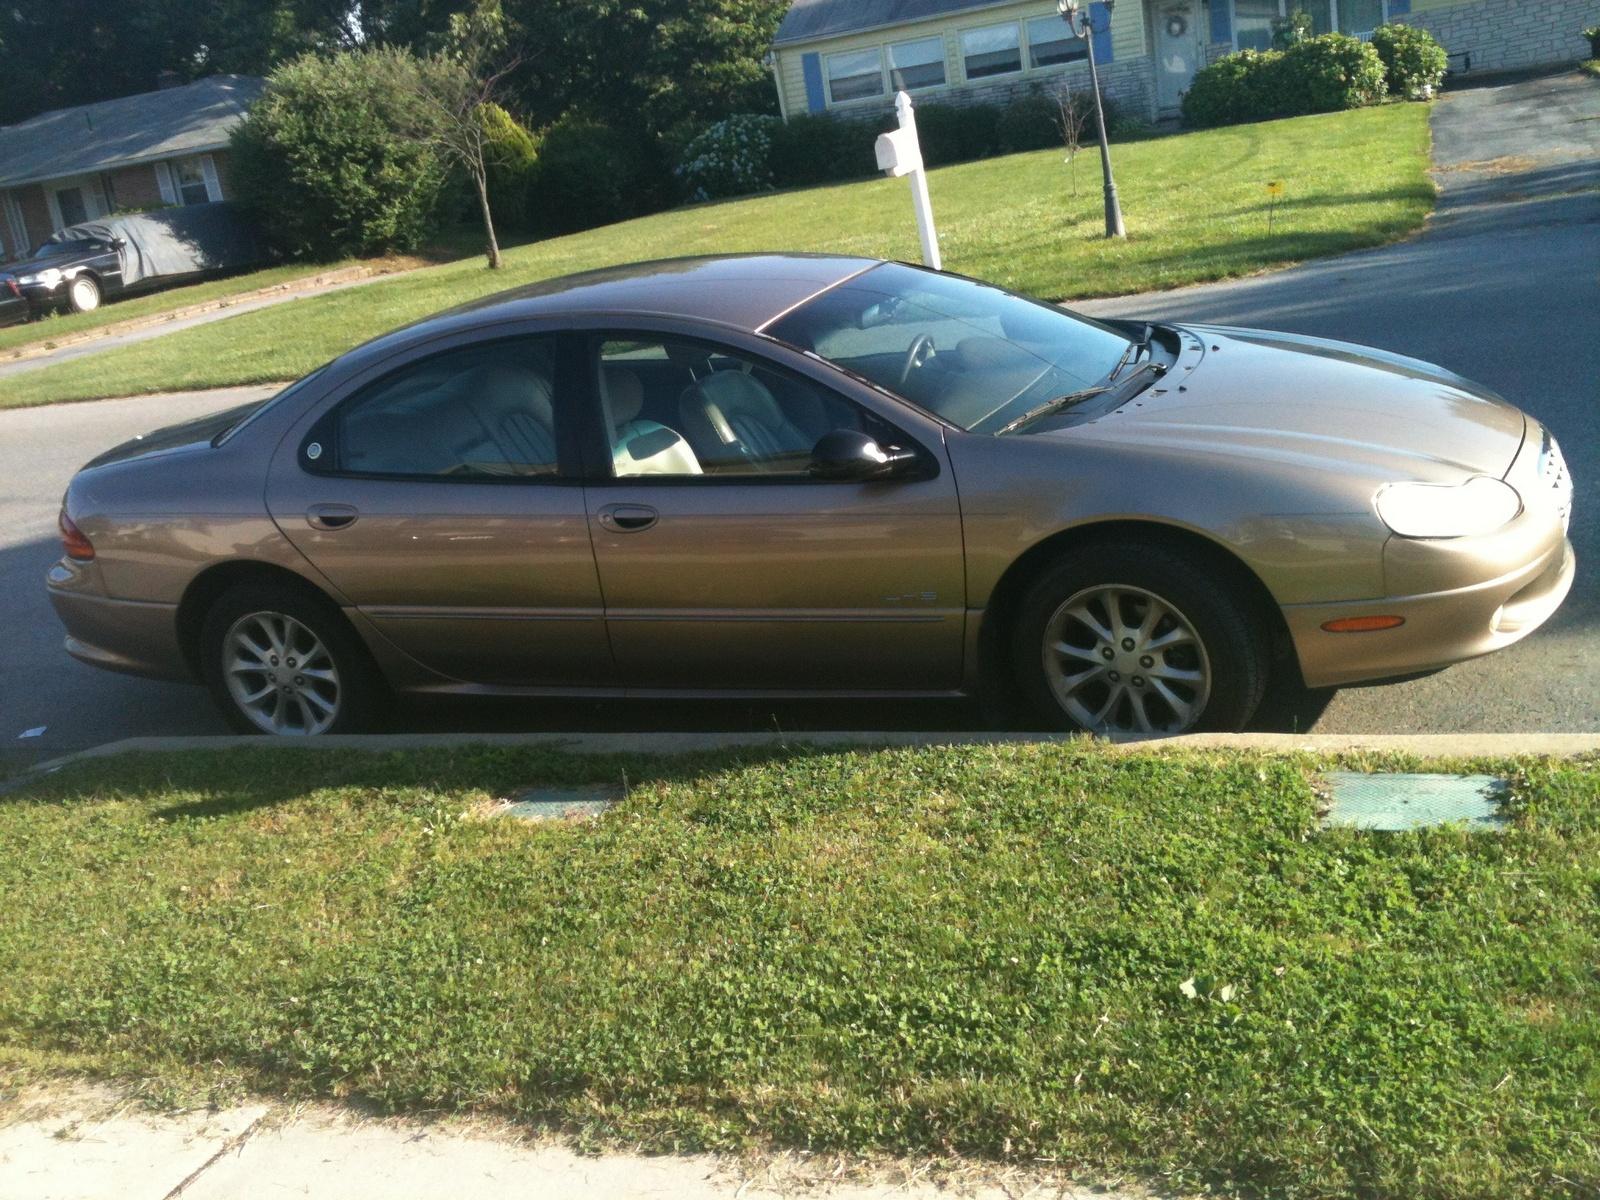 1999 Chrysler LHS #8 Chrysler LHS #8